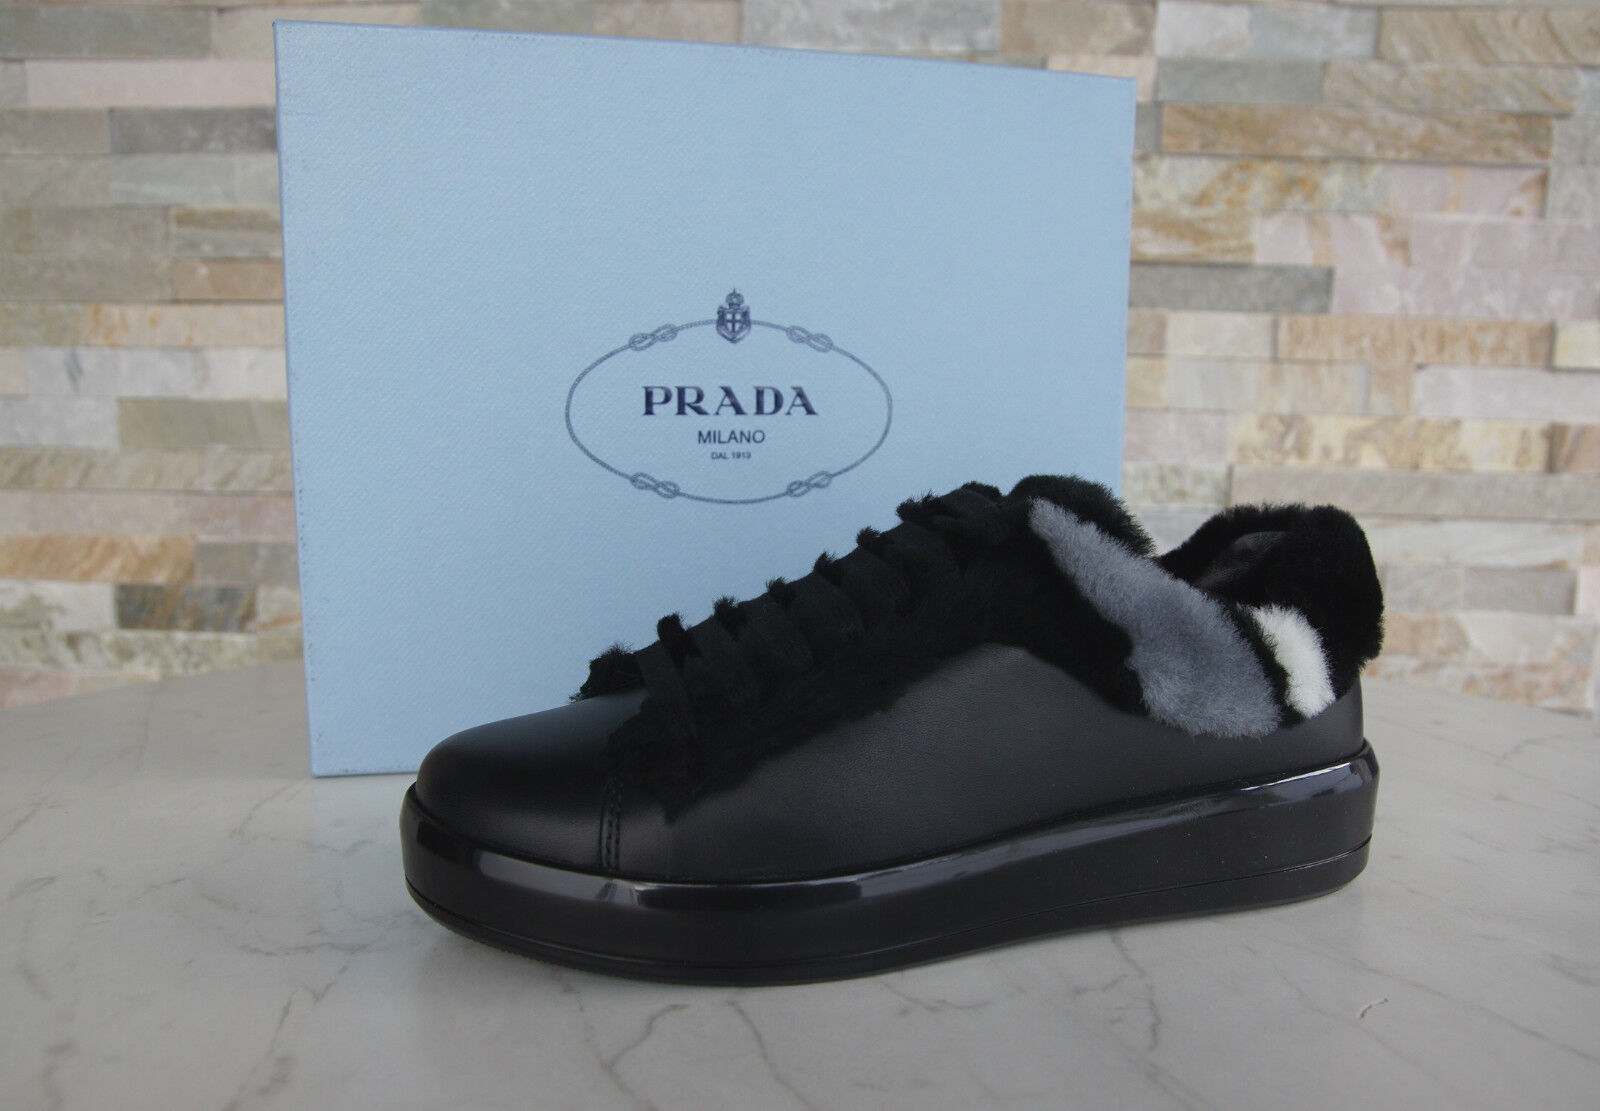 PRADA 38,5 Turnschuhe Fell Schuhe Schnürschuhe Schaffell schwarz neu ehem